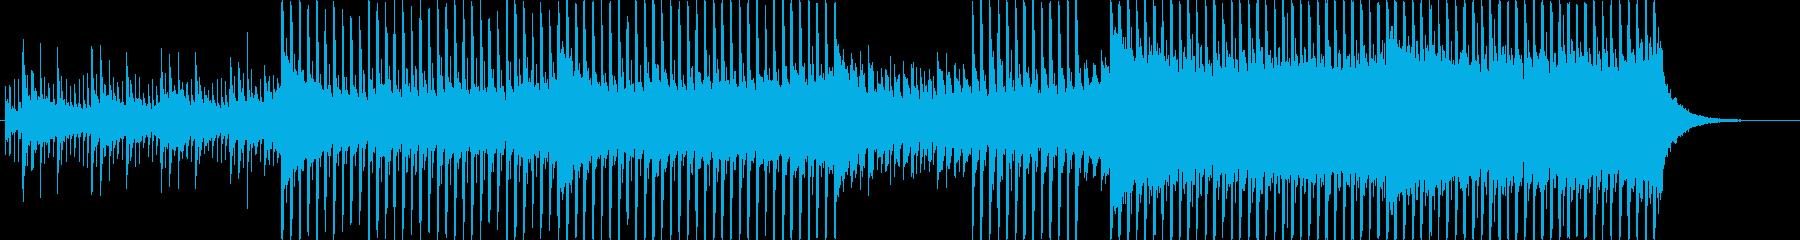 OP、ED、ハッピーの中に憂を秘めた曲の再生済みの波形